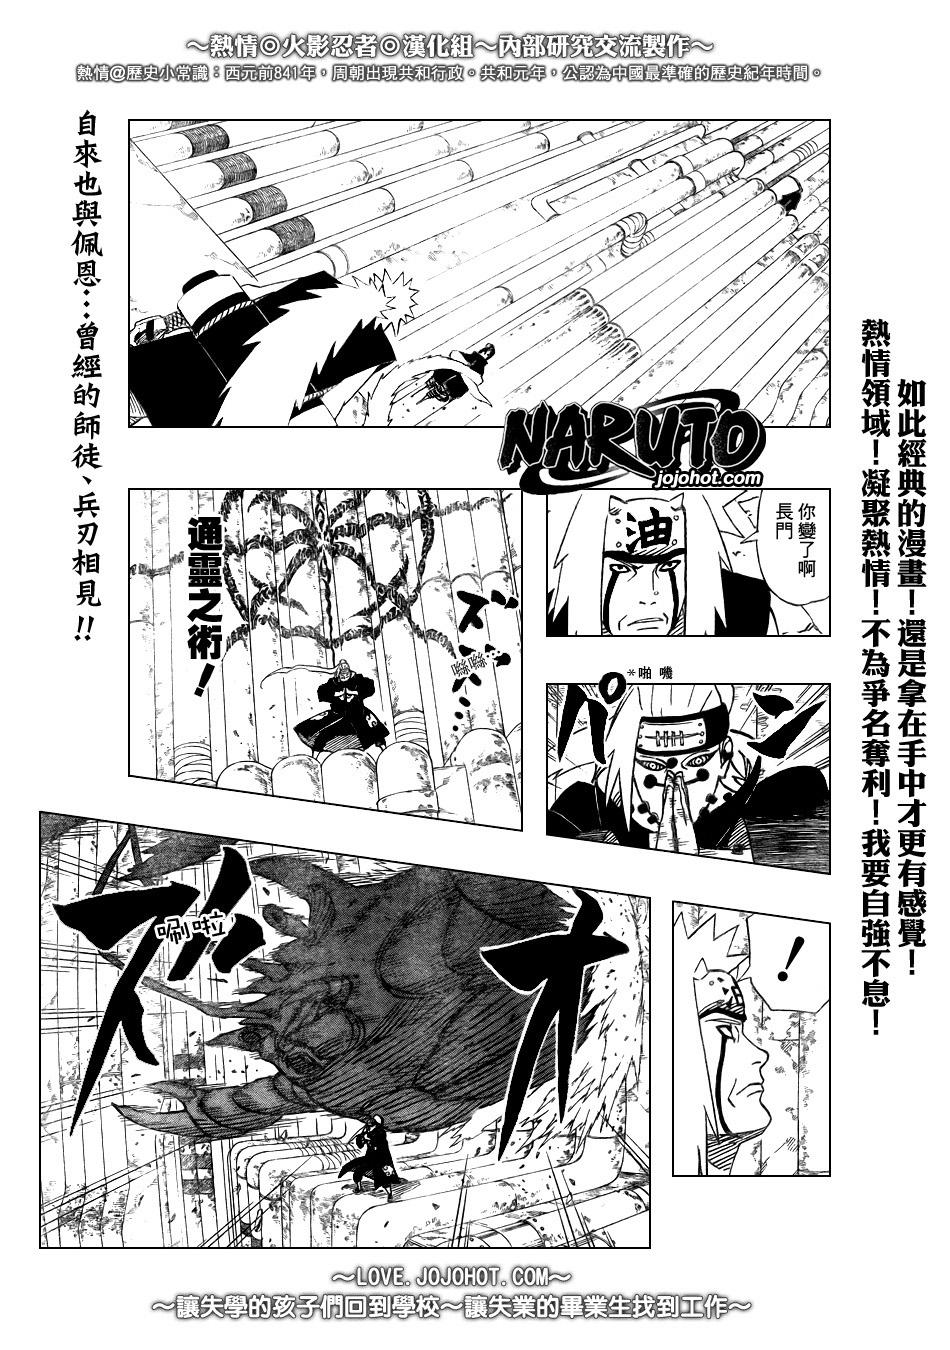 火影忍者 第374話_漫畫_死神中文網